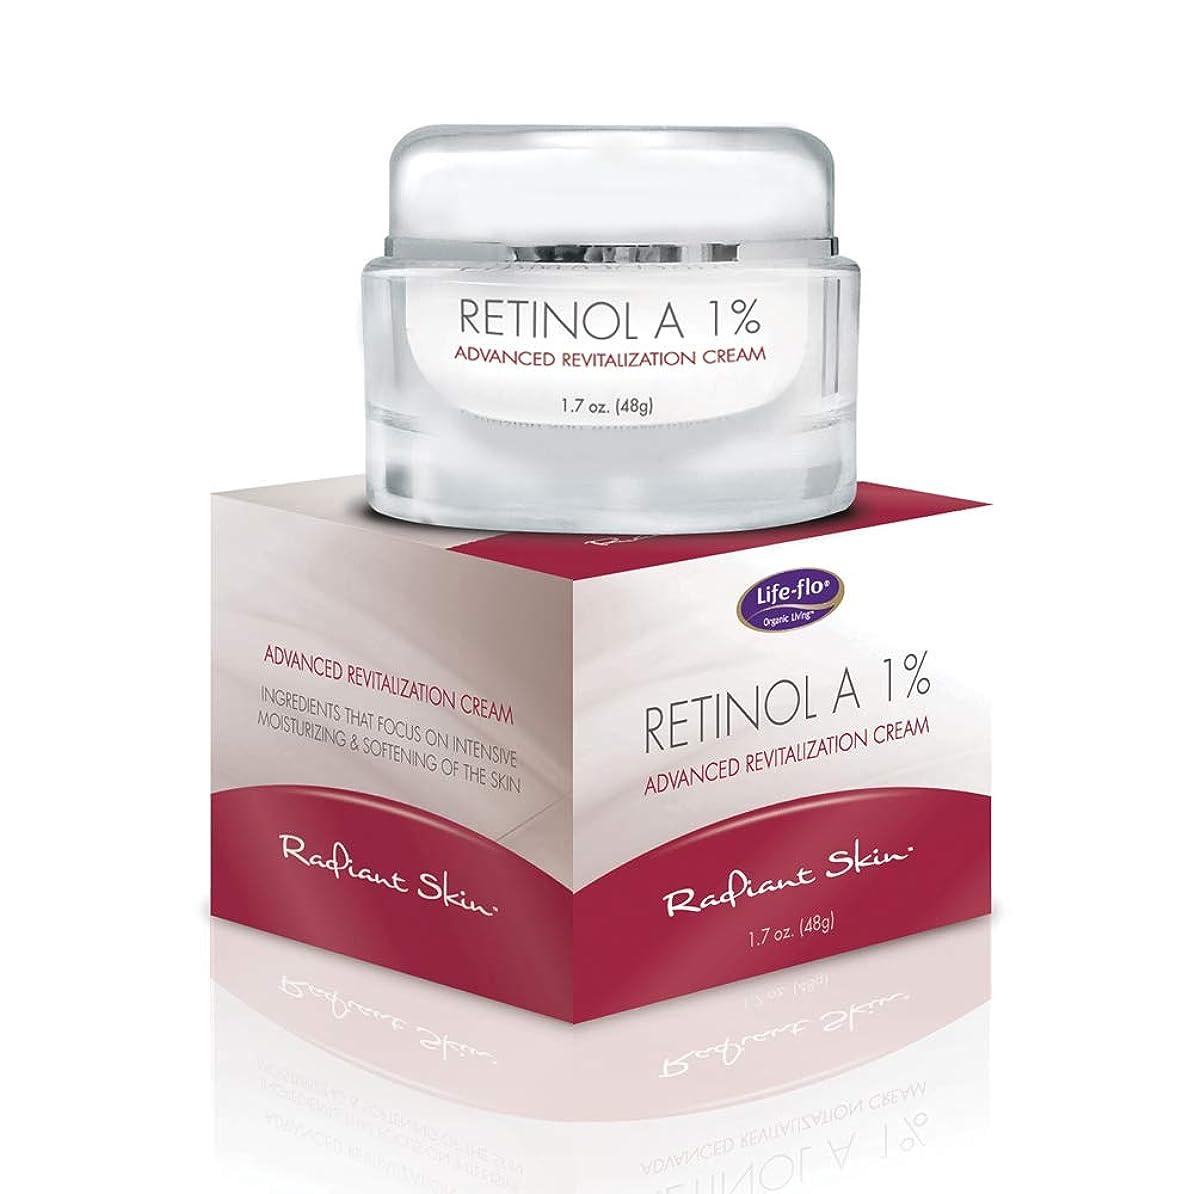 談話不信スチュワードRetinol A 1%, Advanced Revitalization Cream, 1.7 oz (48 g)